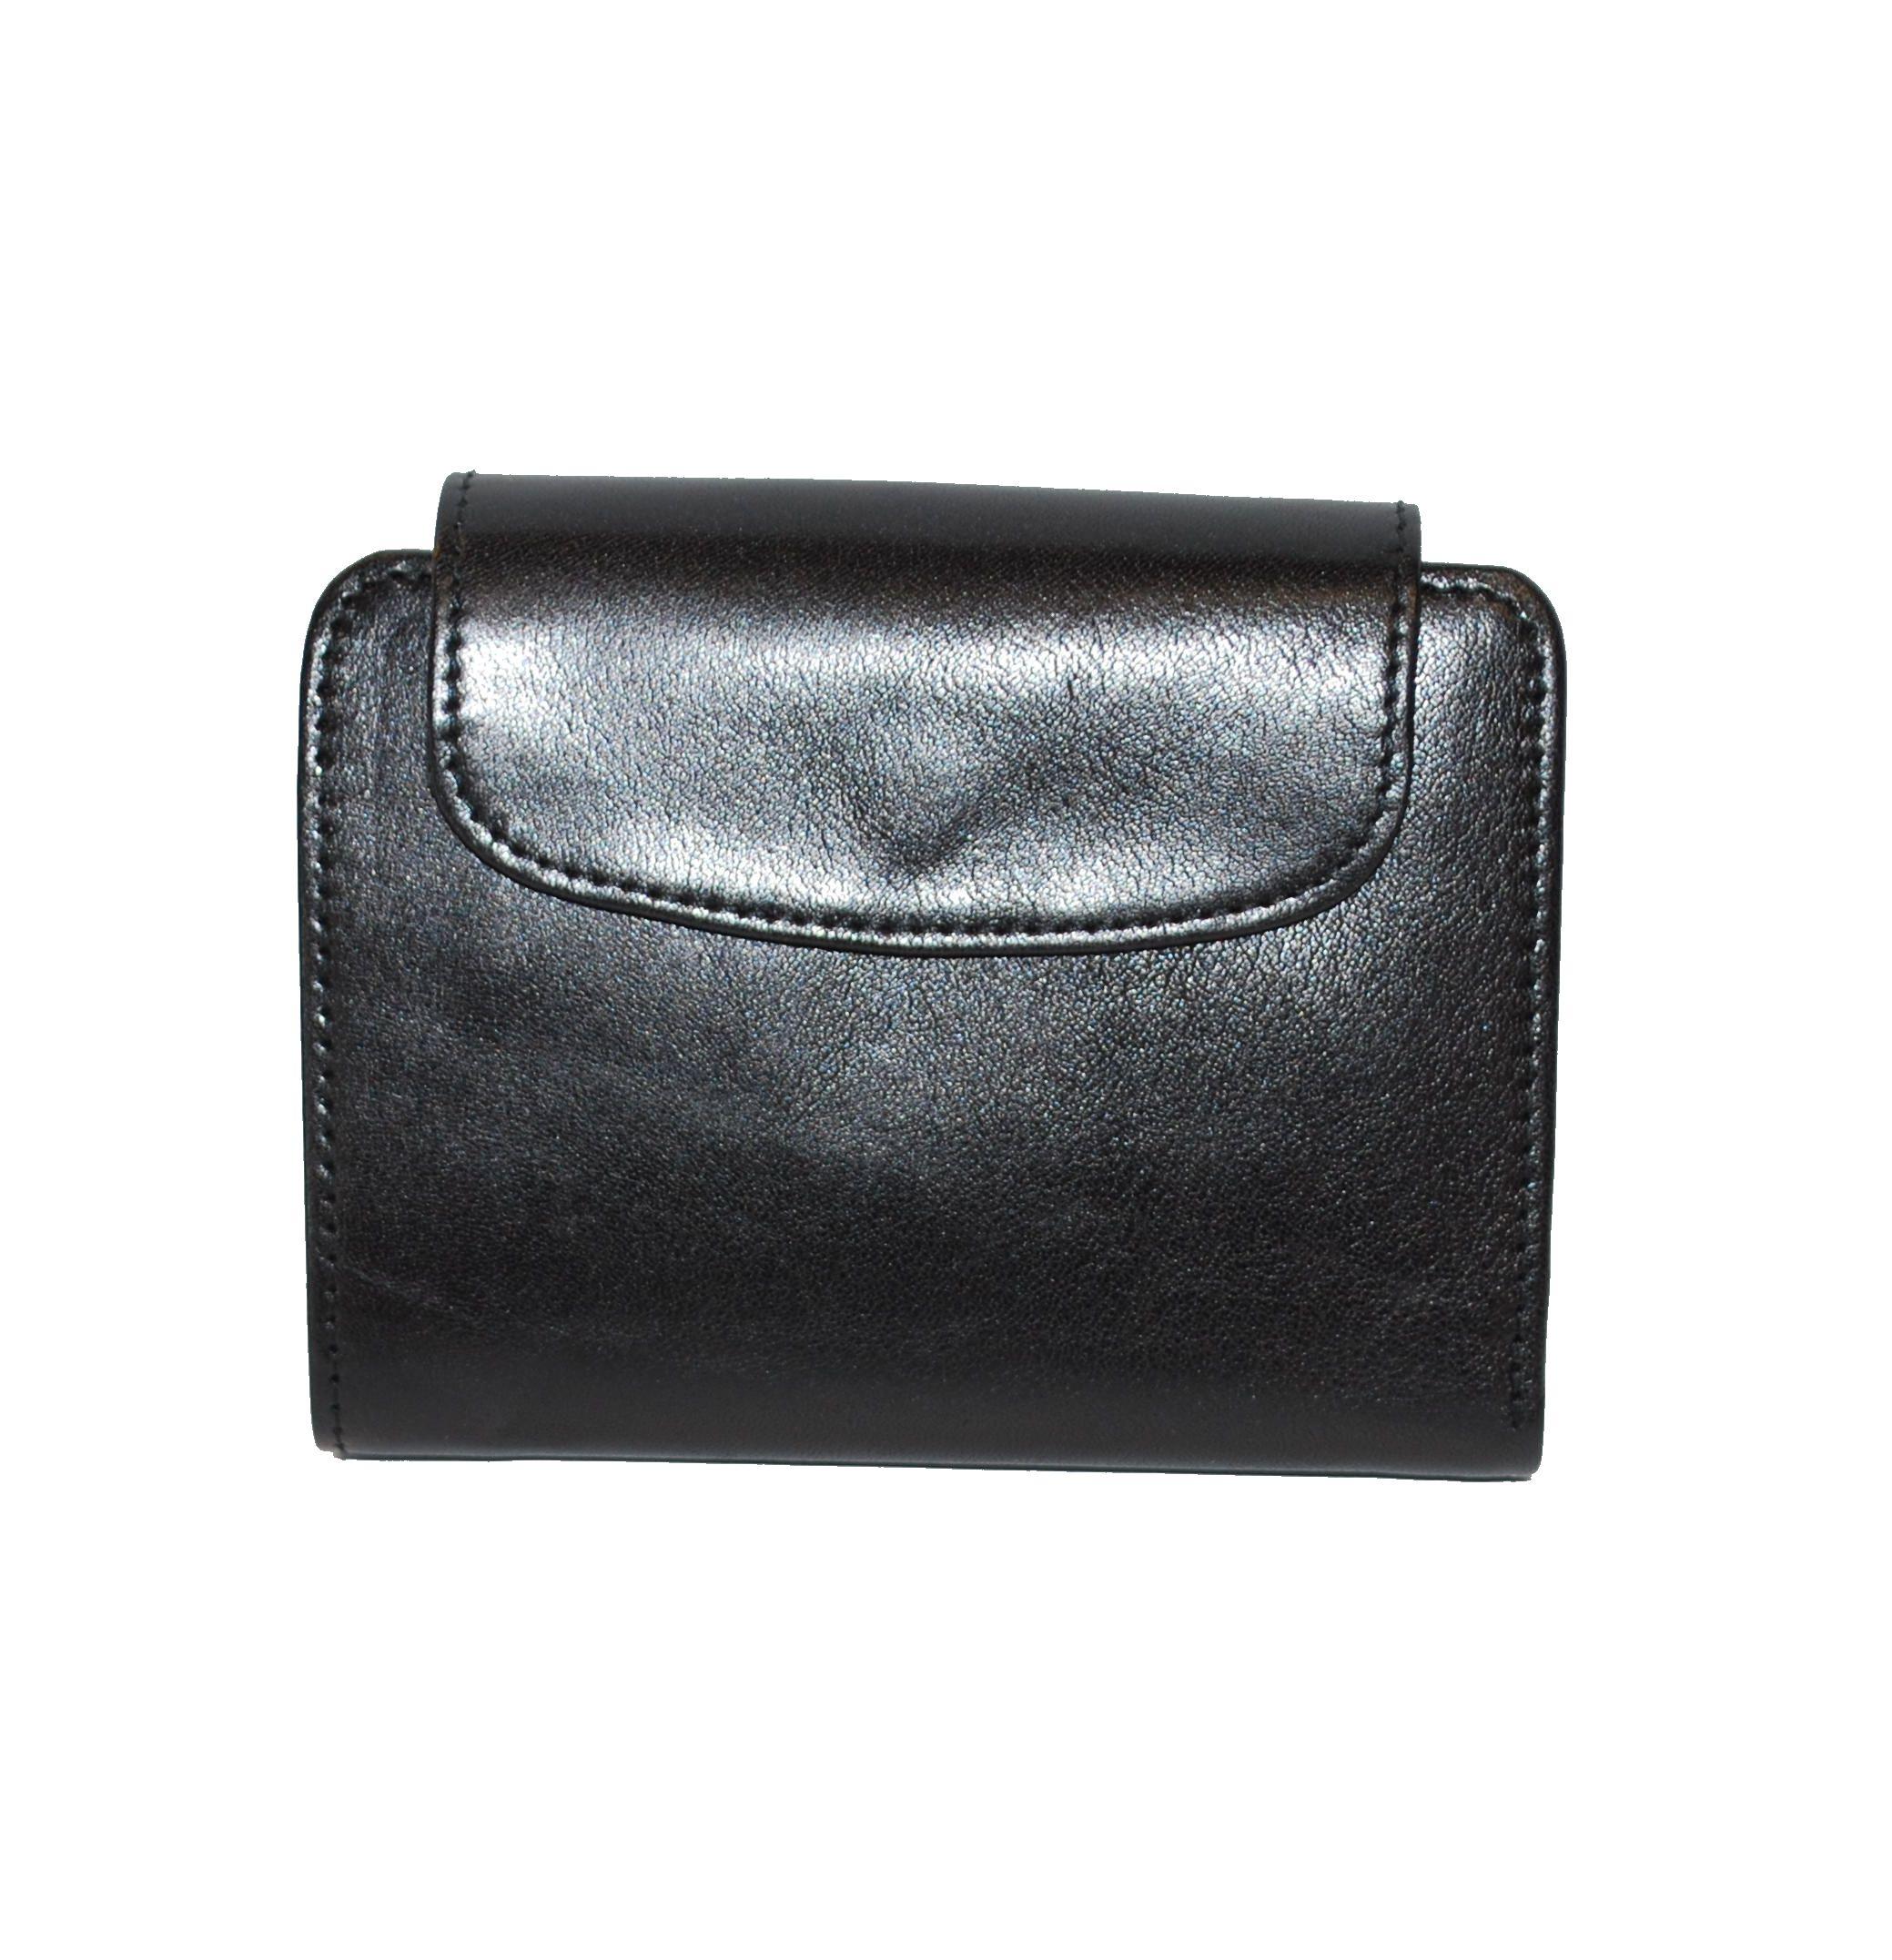 2a1350db2f Luxusná kožená peňaženka vyrobená z pravej prírodnej kože ...